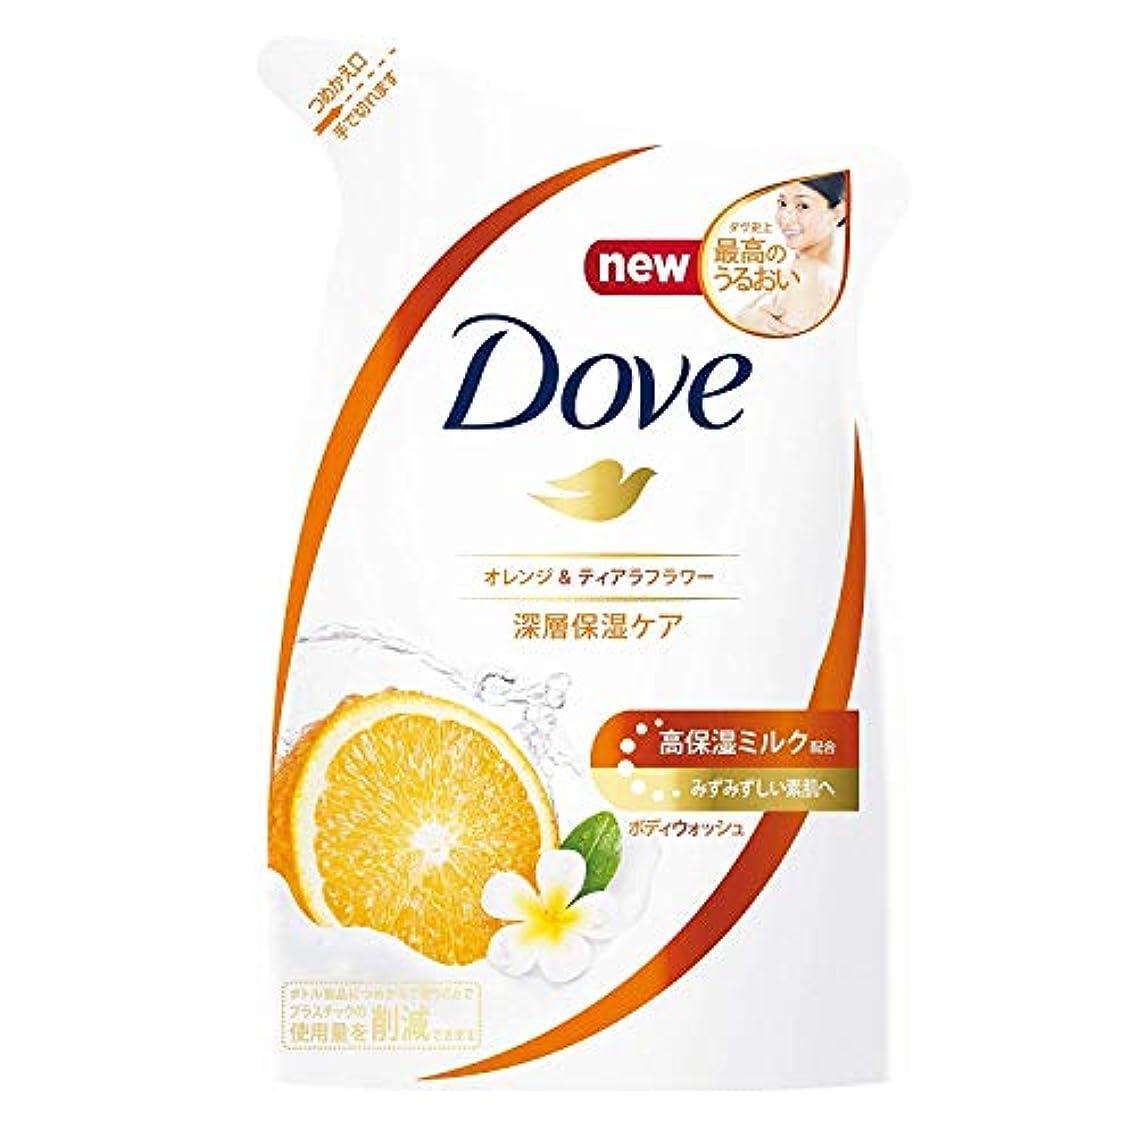 かかわらず文房具金銭的な【まとめ買い】 Dove ダヴ ボディウォッシュ オレンジ & ティアラフラワー つめかえ用 360g×3個